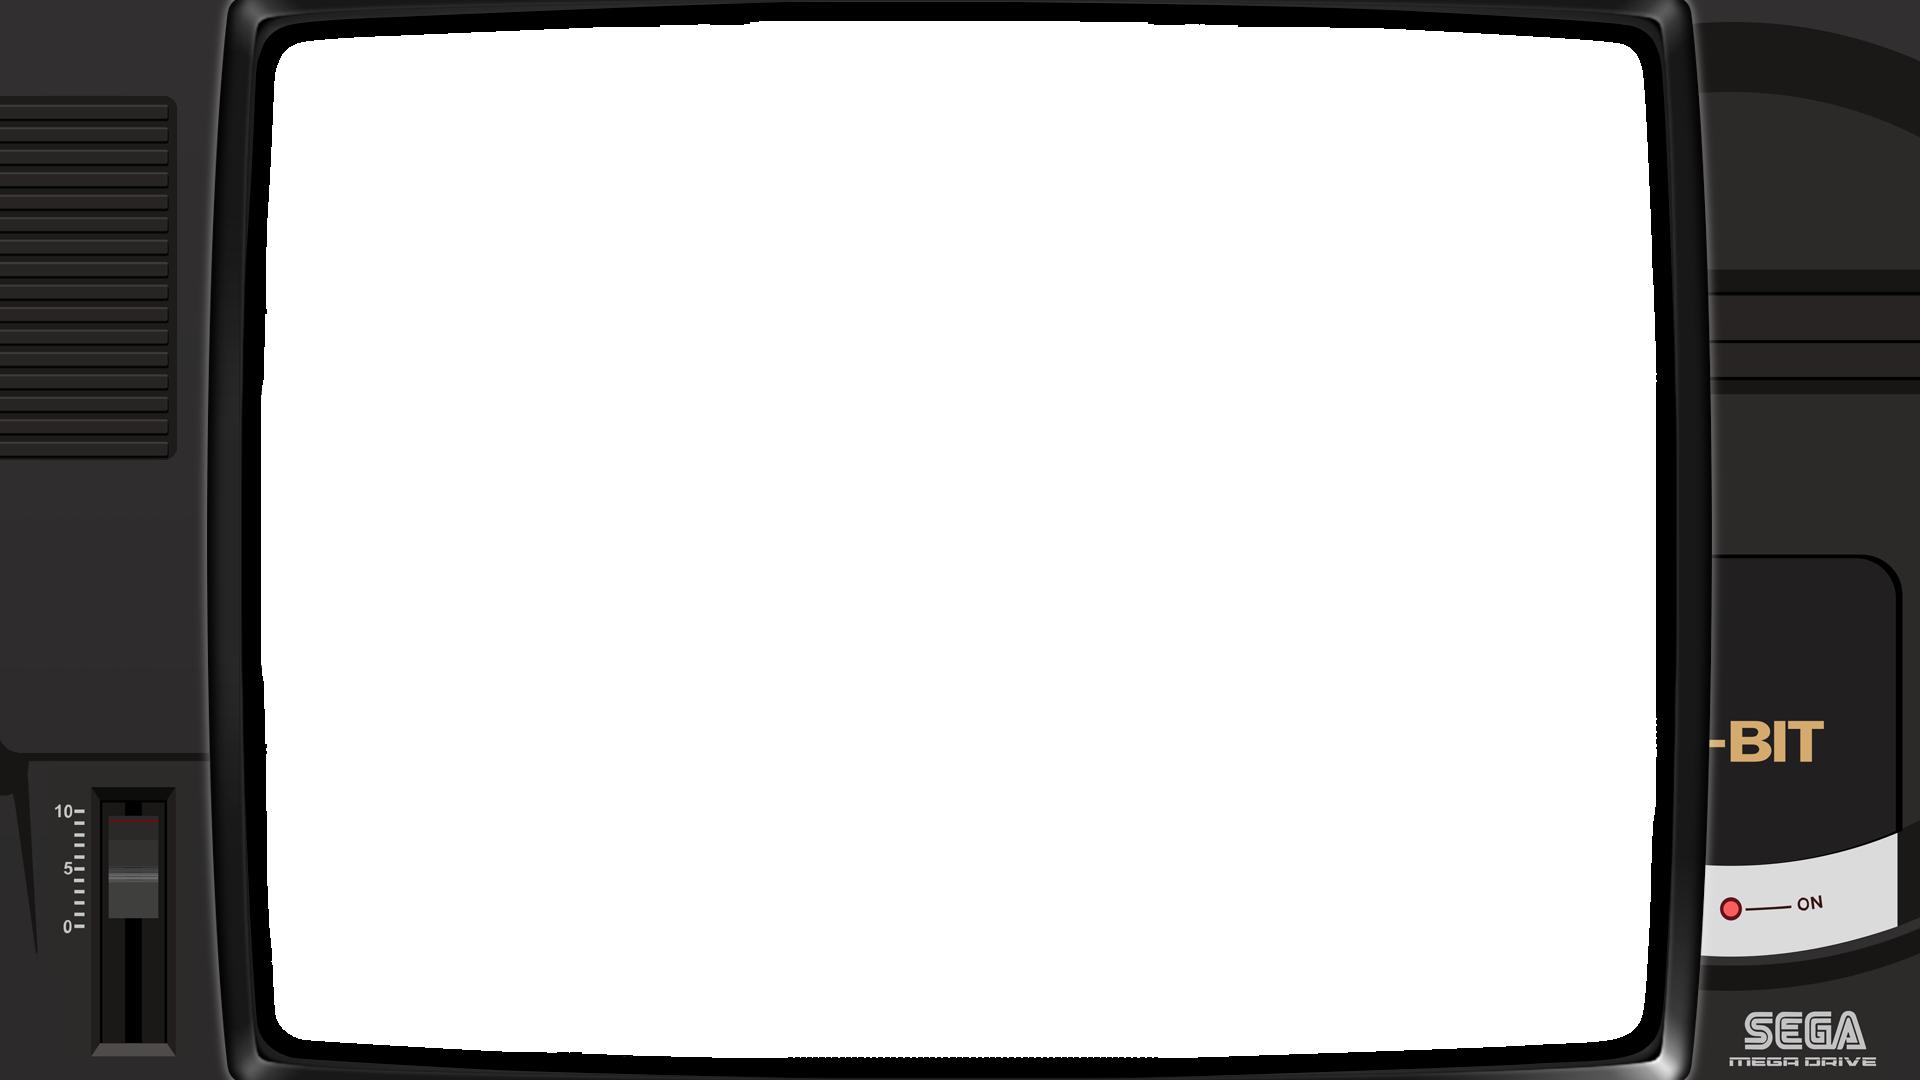 GitHub - gallyg/zover4recalbox: ZOVER4RECALBOX Collection